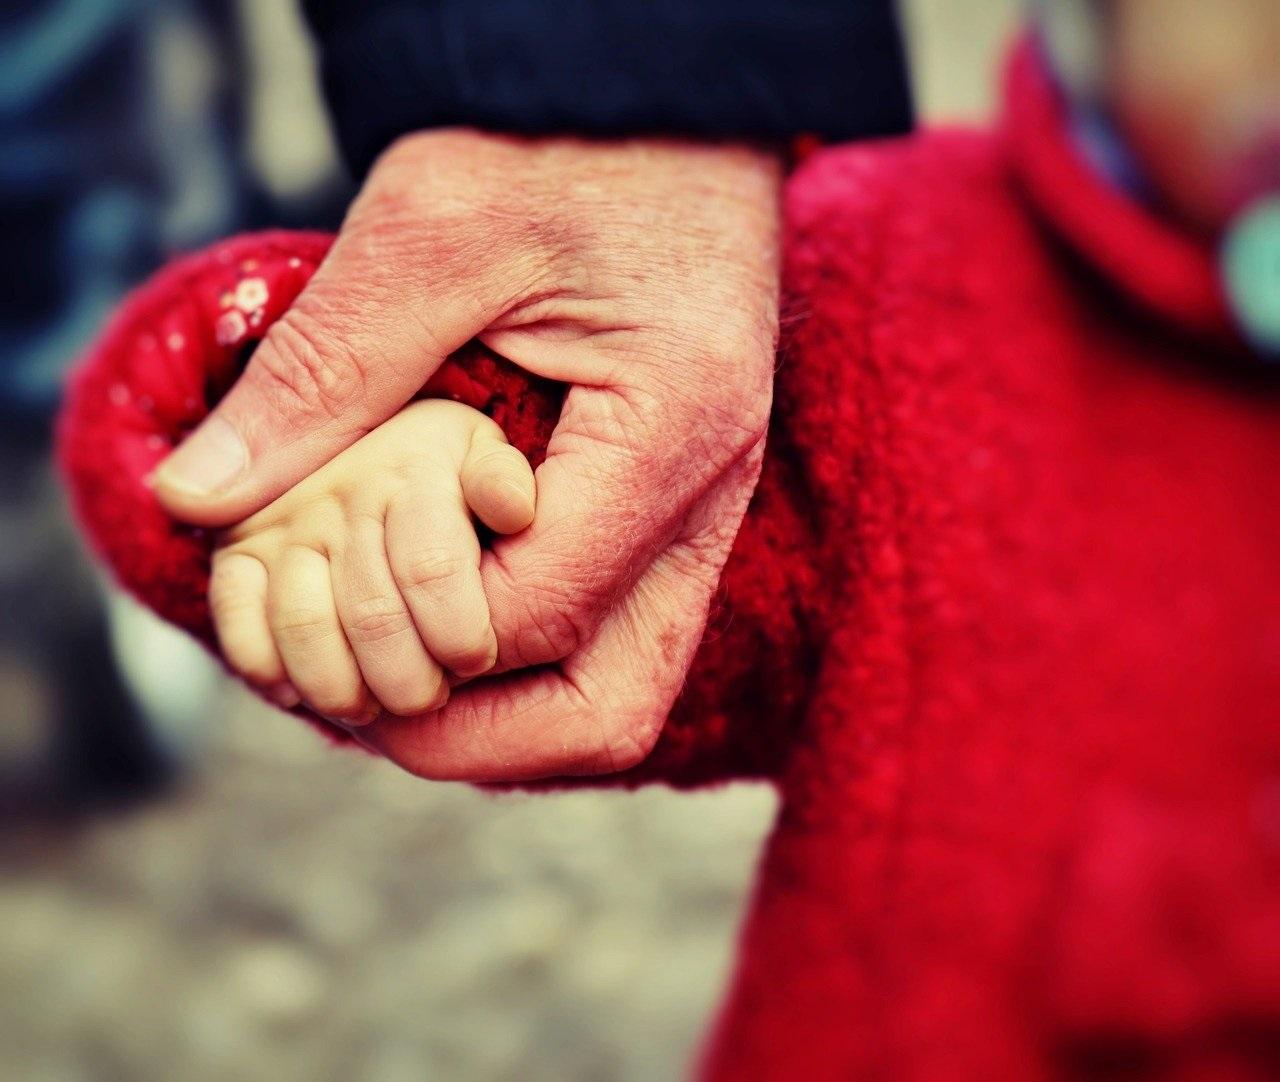 Neuer 13-Punkte-Plan der AfD: Starke Familien, bessere Bildung und menschenwürdige Pflege!